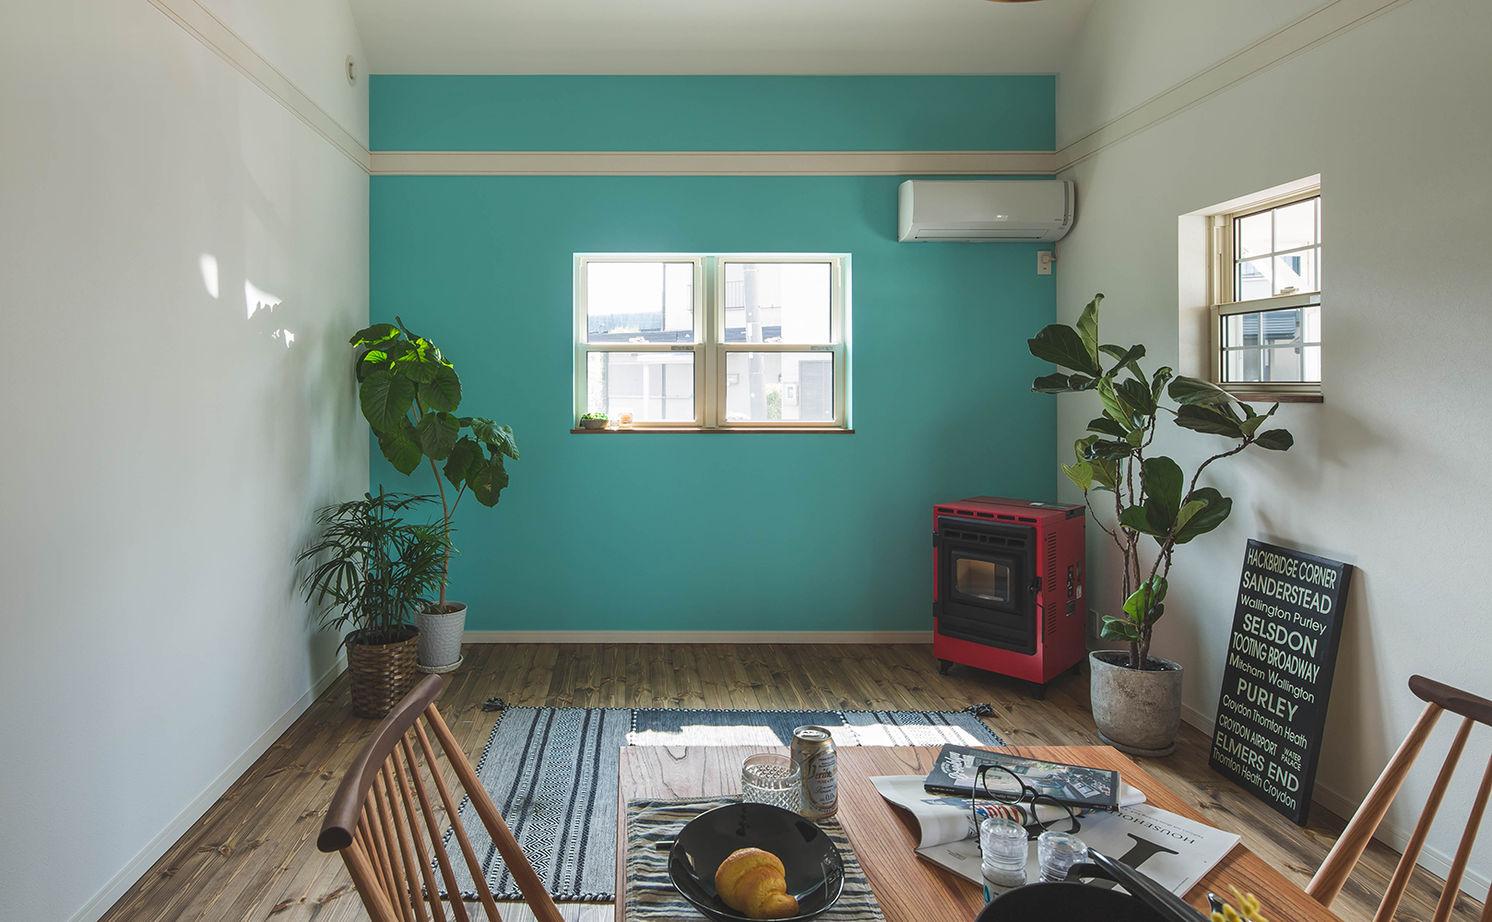 【滋賀県 東近江市×2000~2500万円】「カバードポーチのある家」カルフォルニアスタイルの平屋風画像3